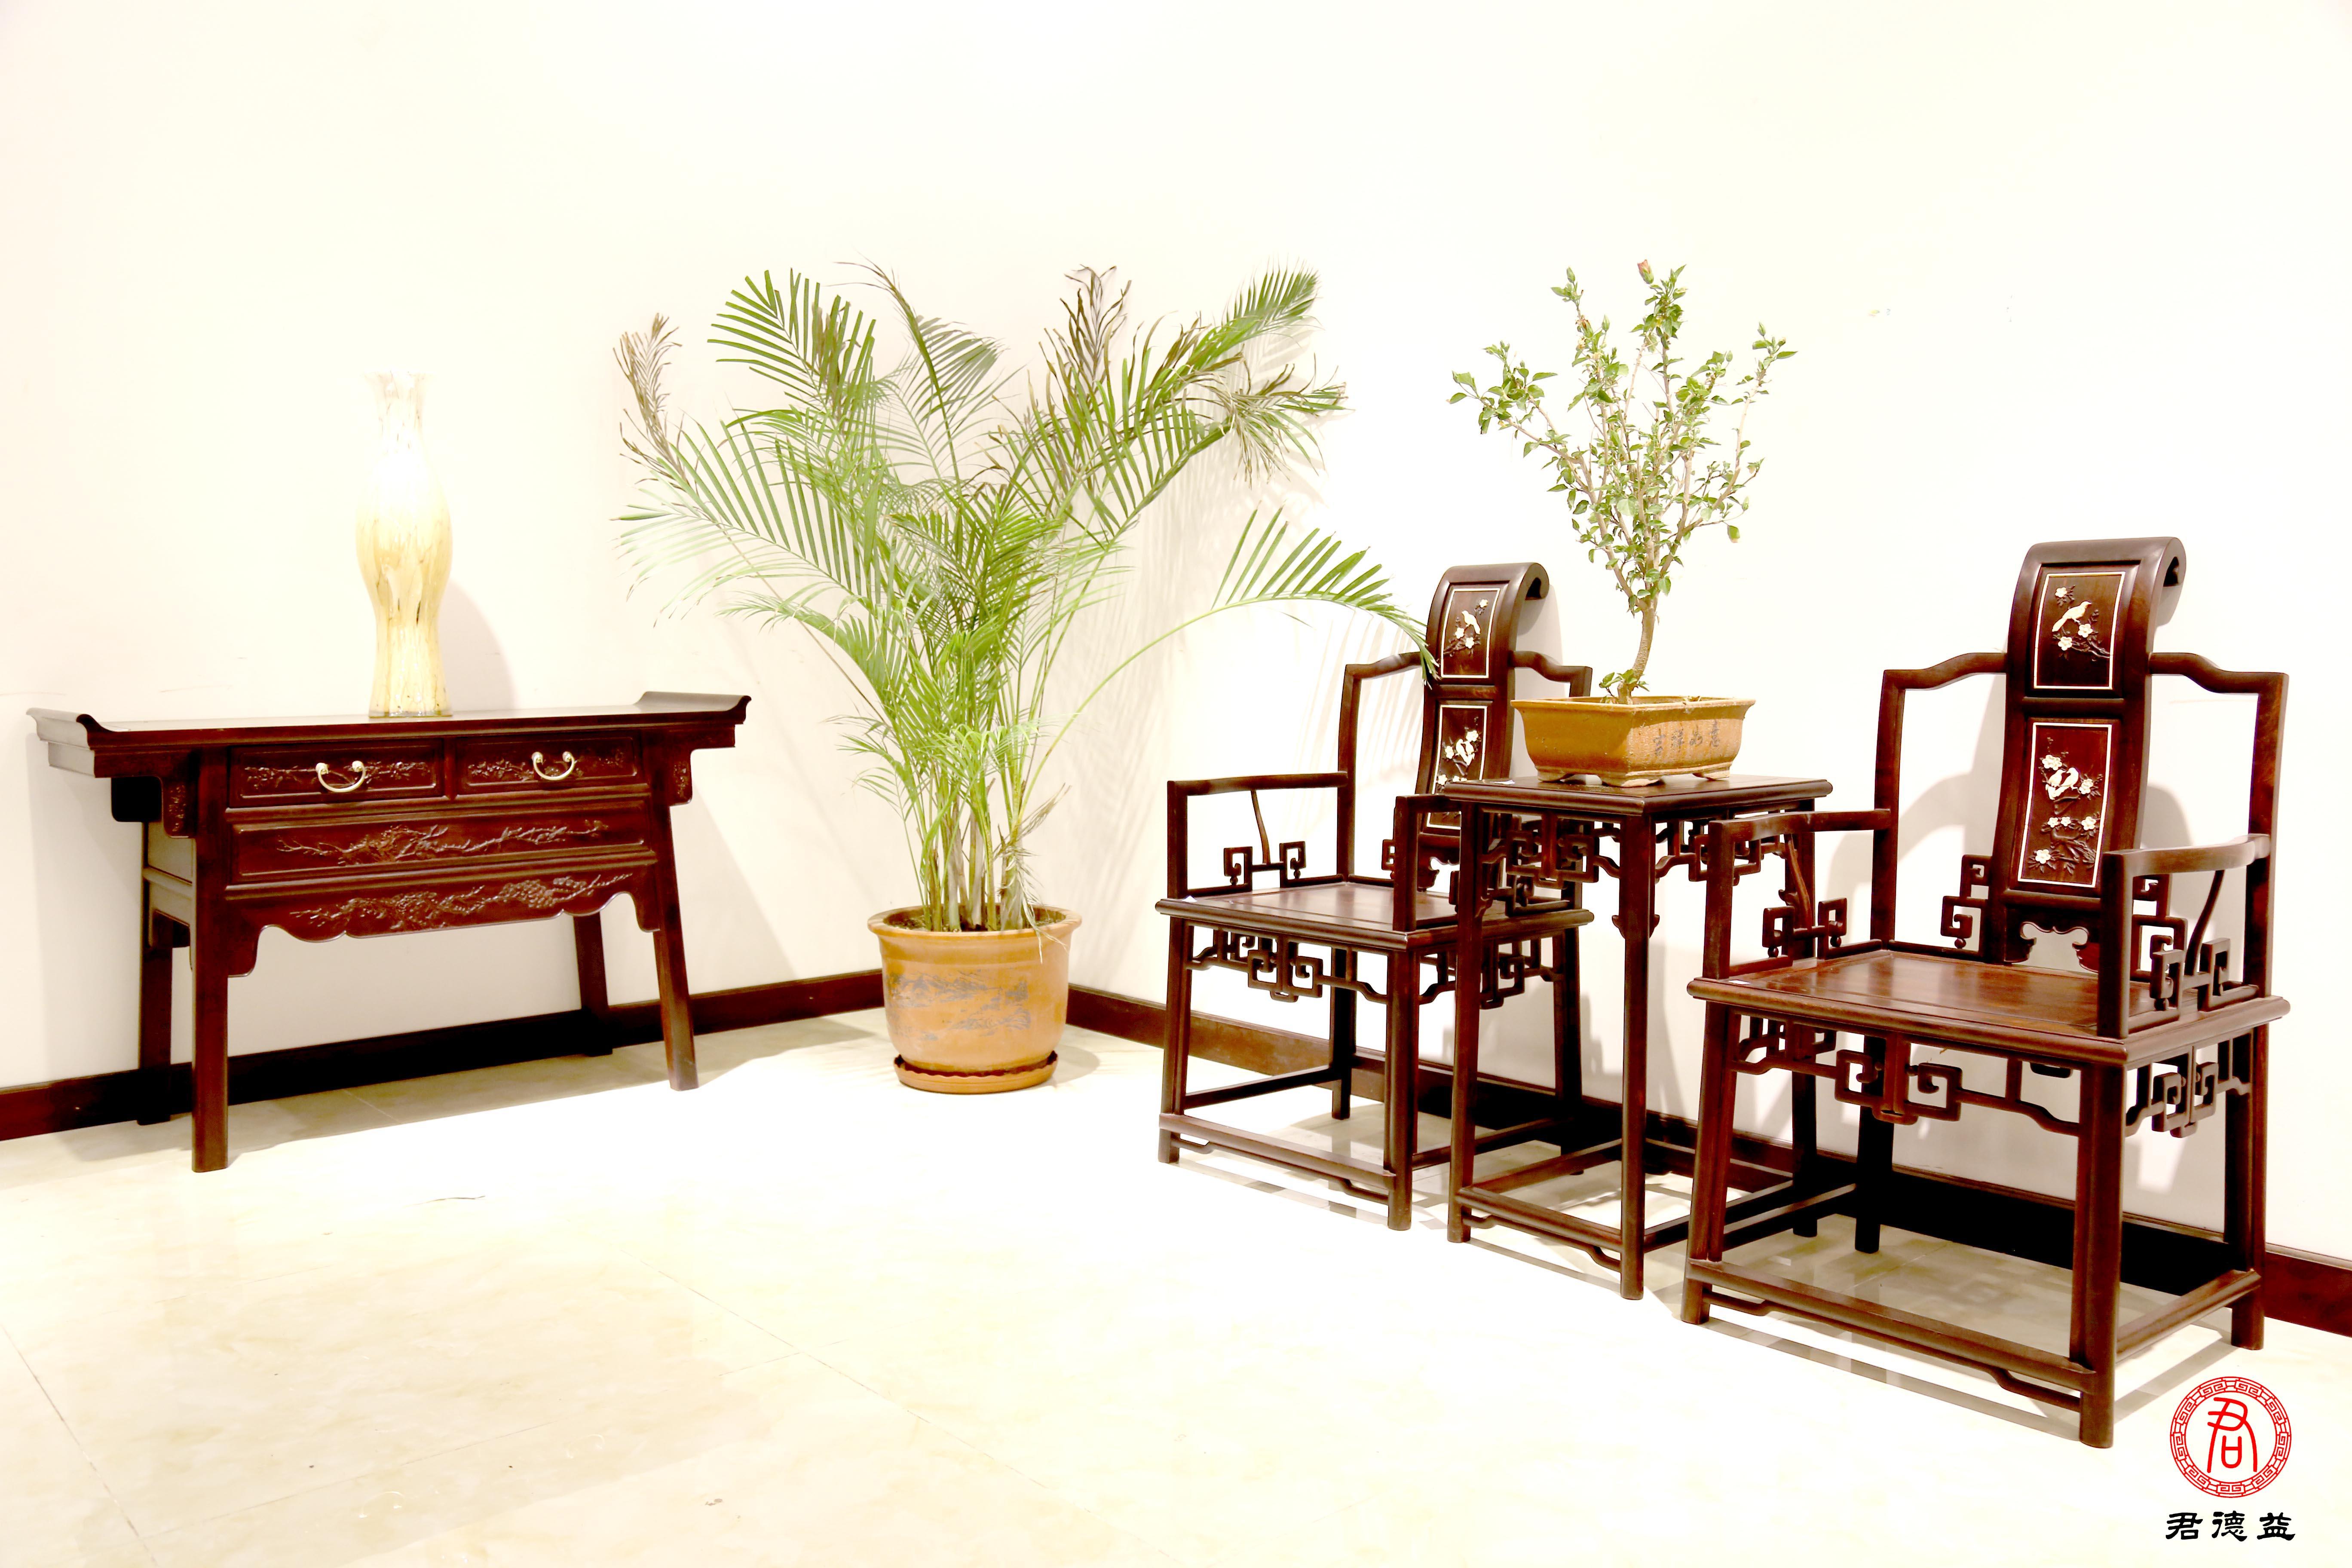 王朋成谈指尖上的红木家具家具-中国网-中国艺术-名企视窗尊博图片